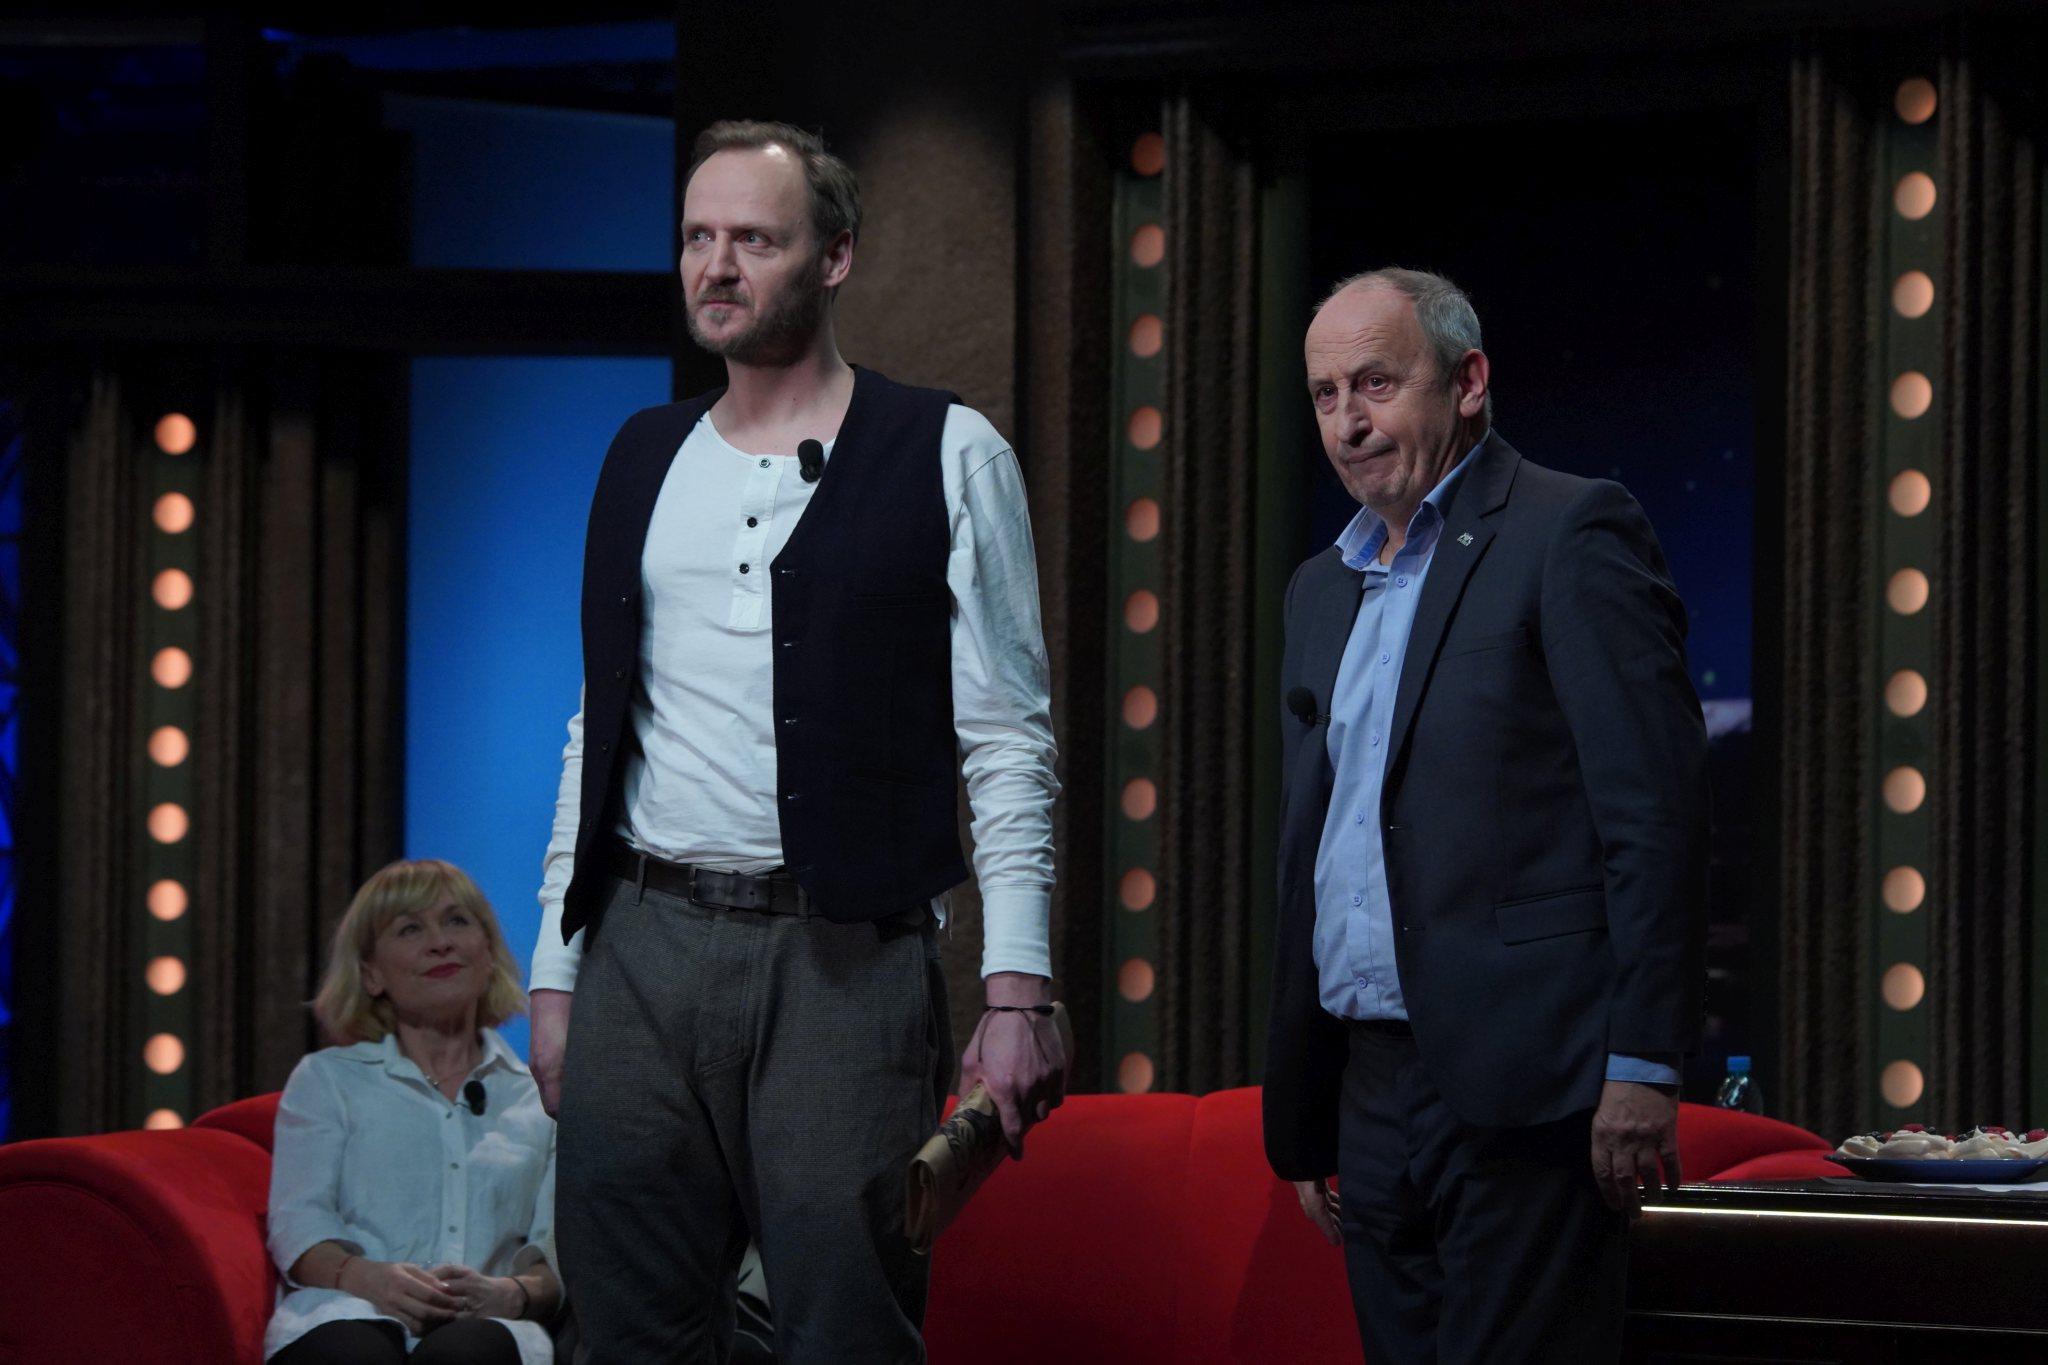 Herec Jan Hájek v SJK 17. 2. 2021; v pozadí sedící herečka Dana Batulková